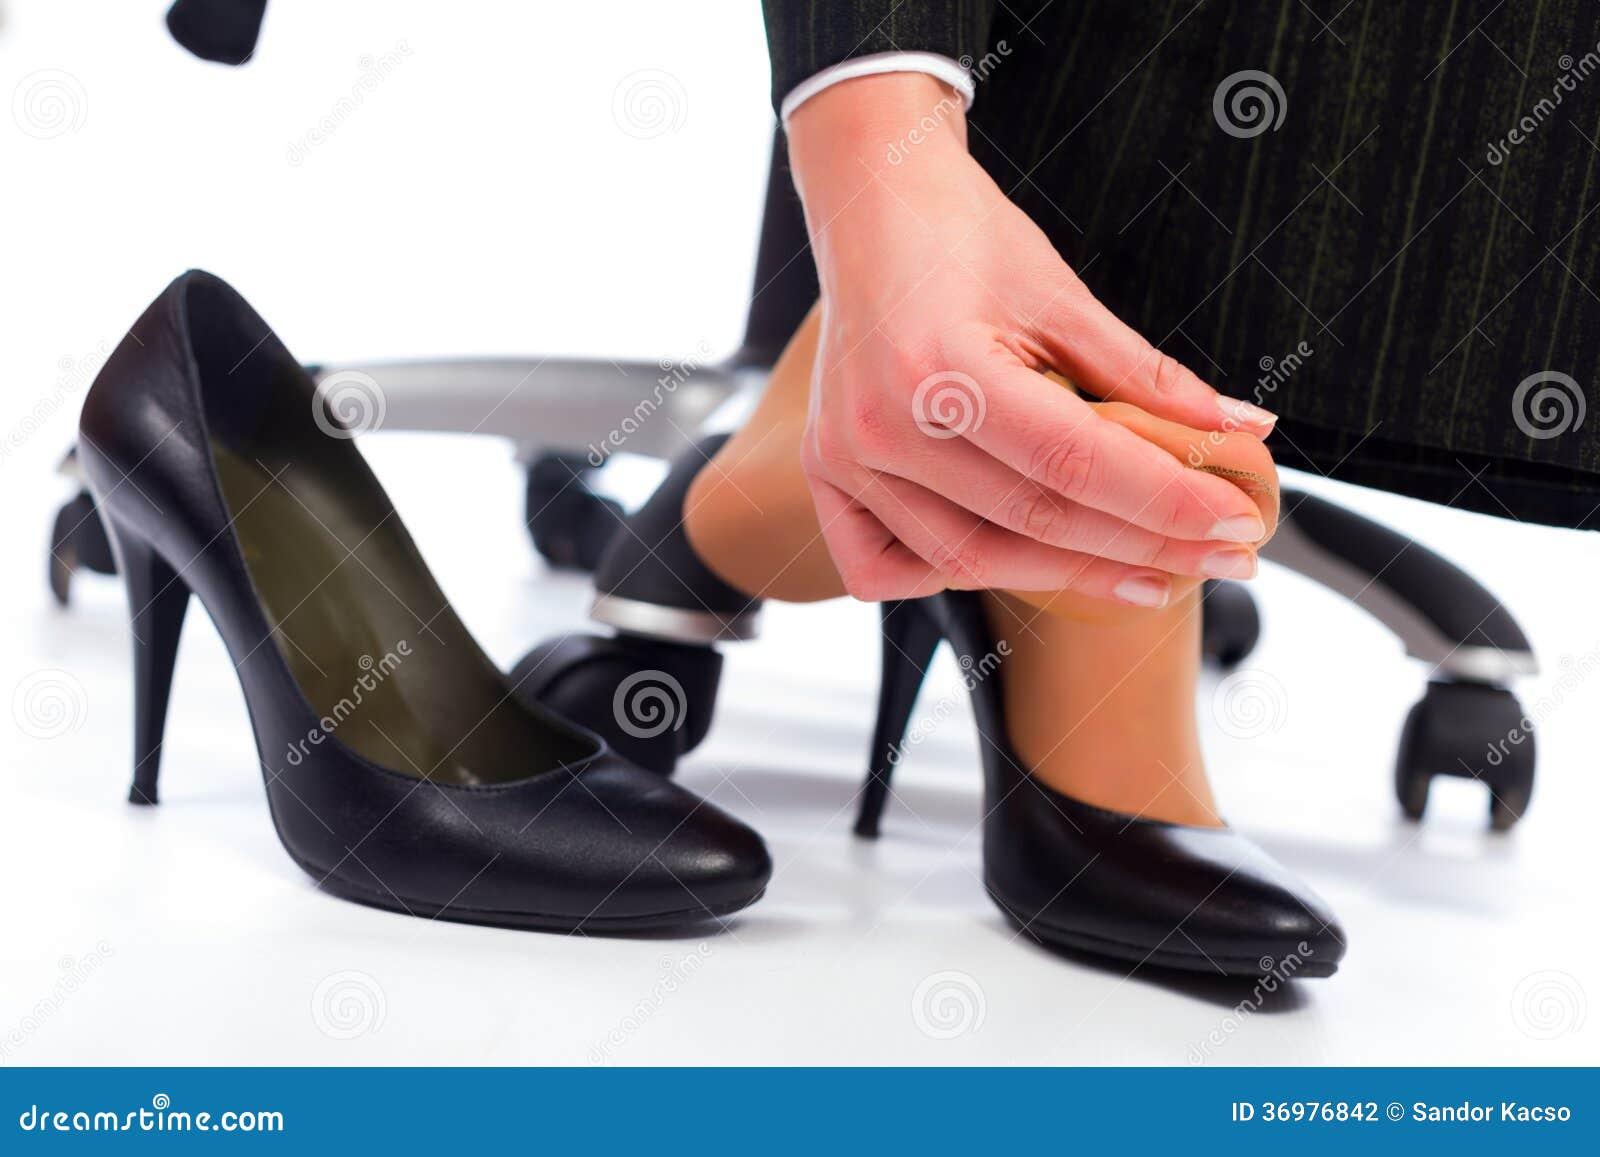 Как сузить обувь в домашних условиях